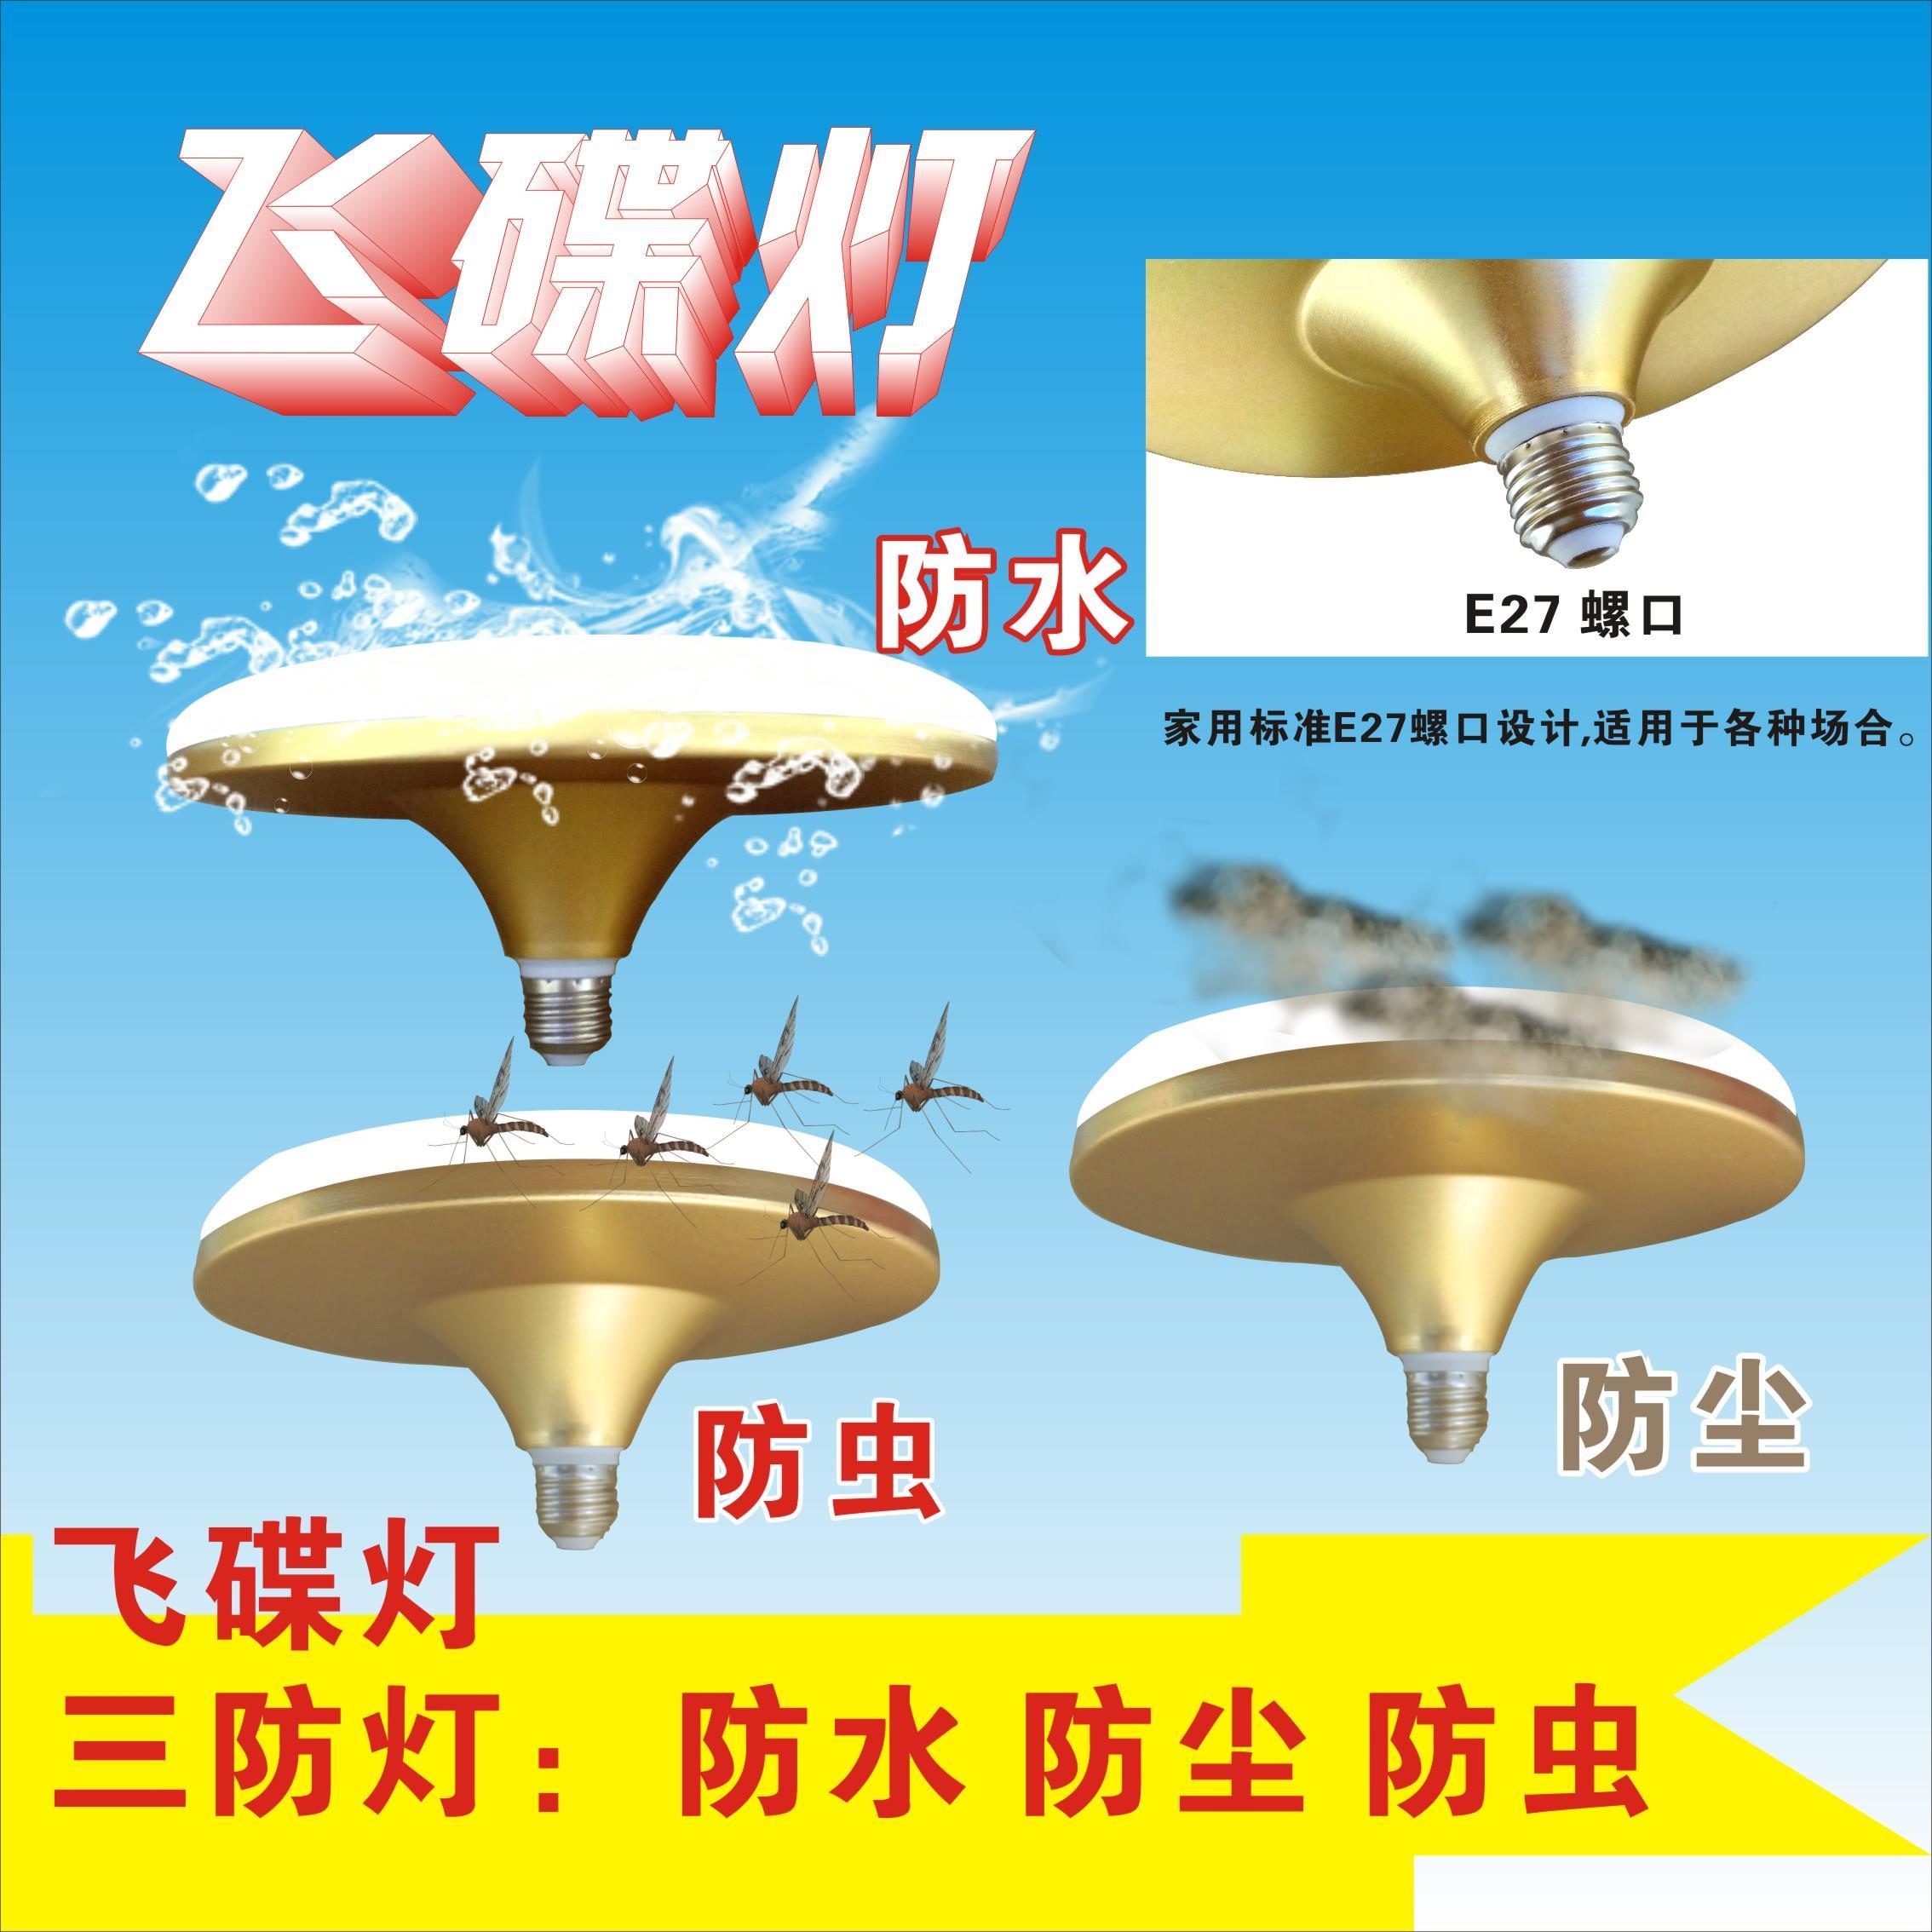 Licht - merk aan aluminium leidde de vliegende schotel lamp sterke lampen Super slim genoeg tegels e27 - energie - efficiëntie